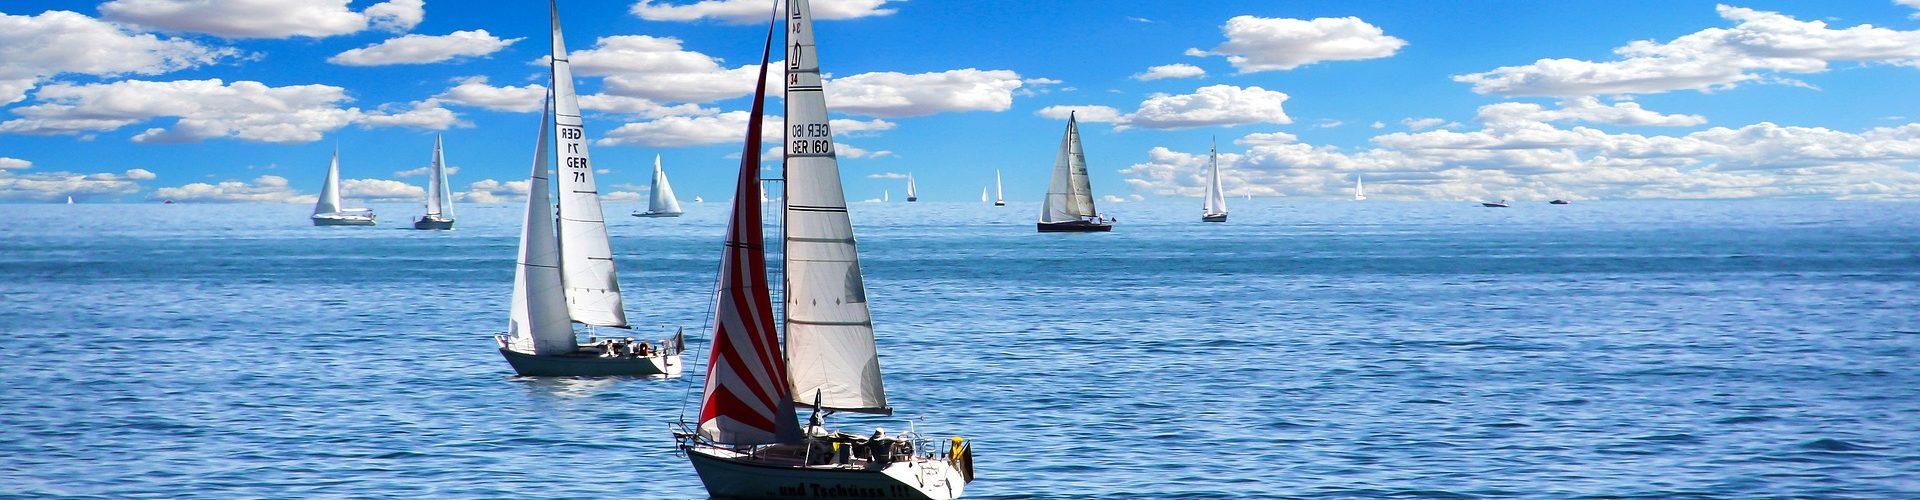 segeln lernen in Lohr am Main segelschein machen in Lohr am Main 1920x500 - Segeln lernen in Lohr am Main